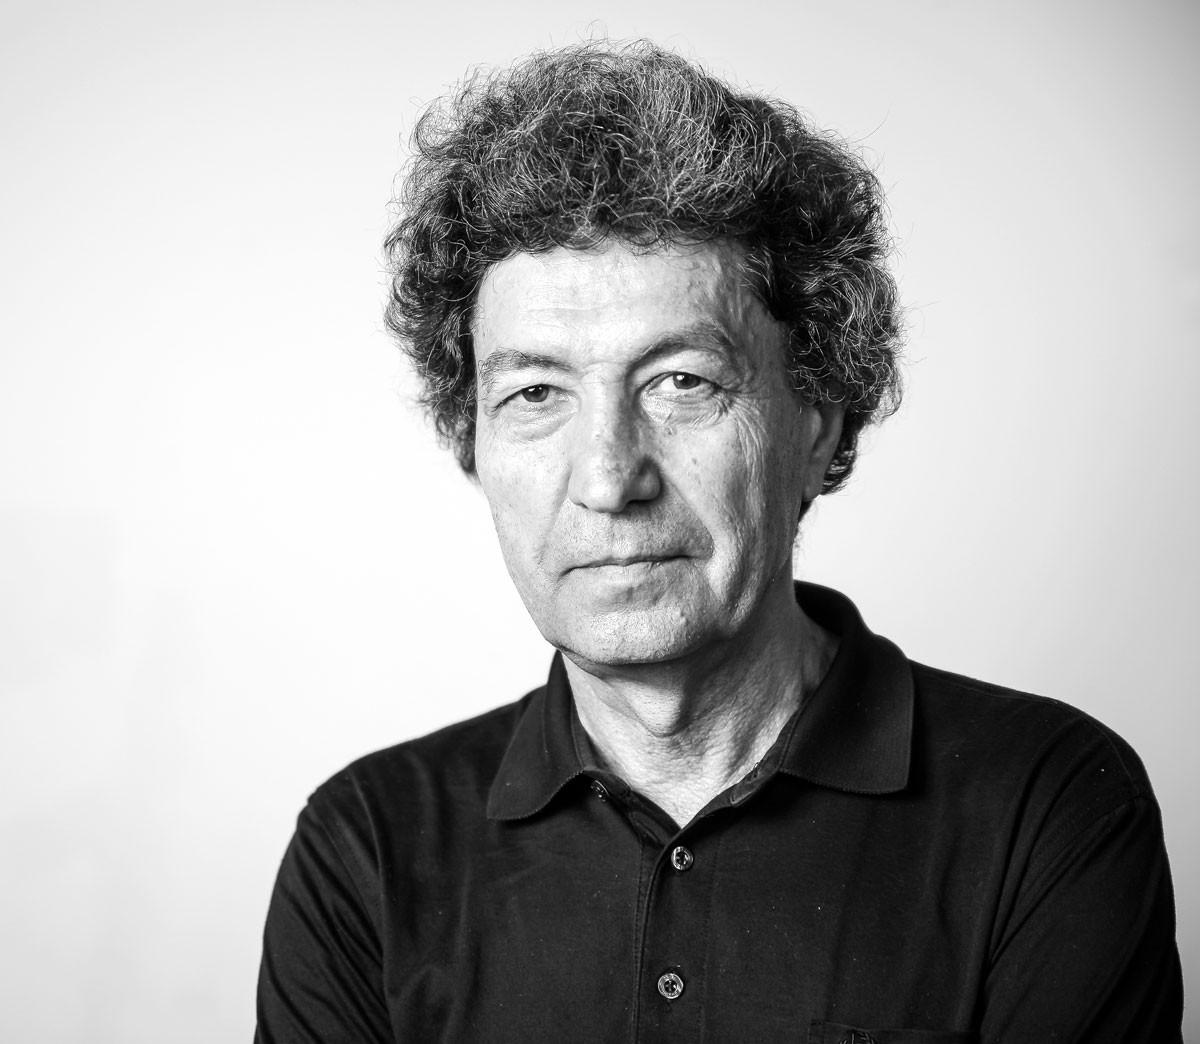 Balázs Mihály: A rendhez, rendezettséghez való ragaszkodás elengedhetetlen feltétele az emberi létnek, így az építészhivatásnak is